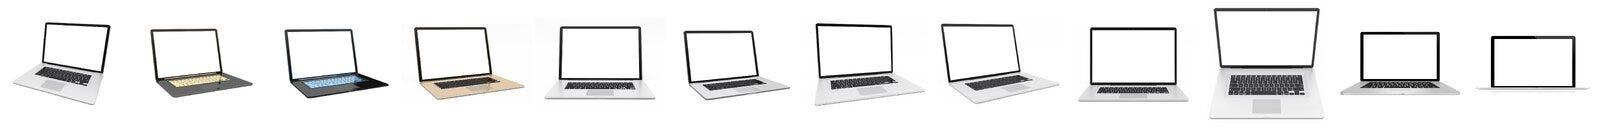 Rappresentazione d'argento digitale moderna del pacchetto 3D del computer portatile Immagini Stock Libere da Diritti